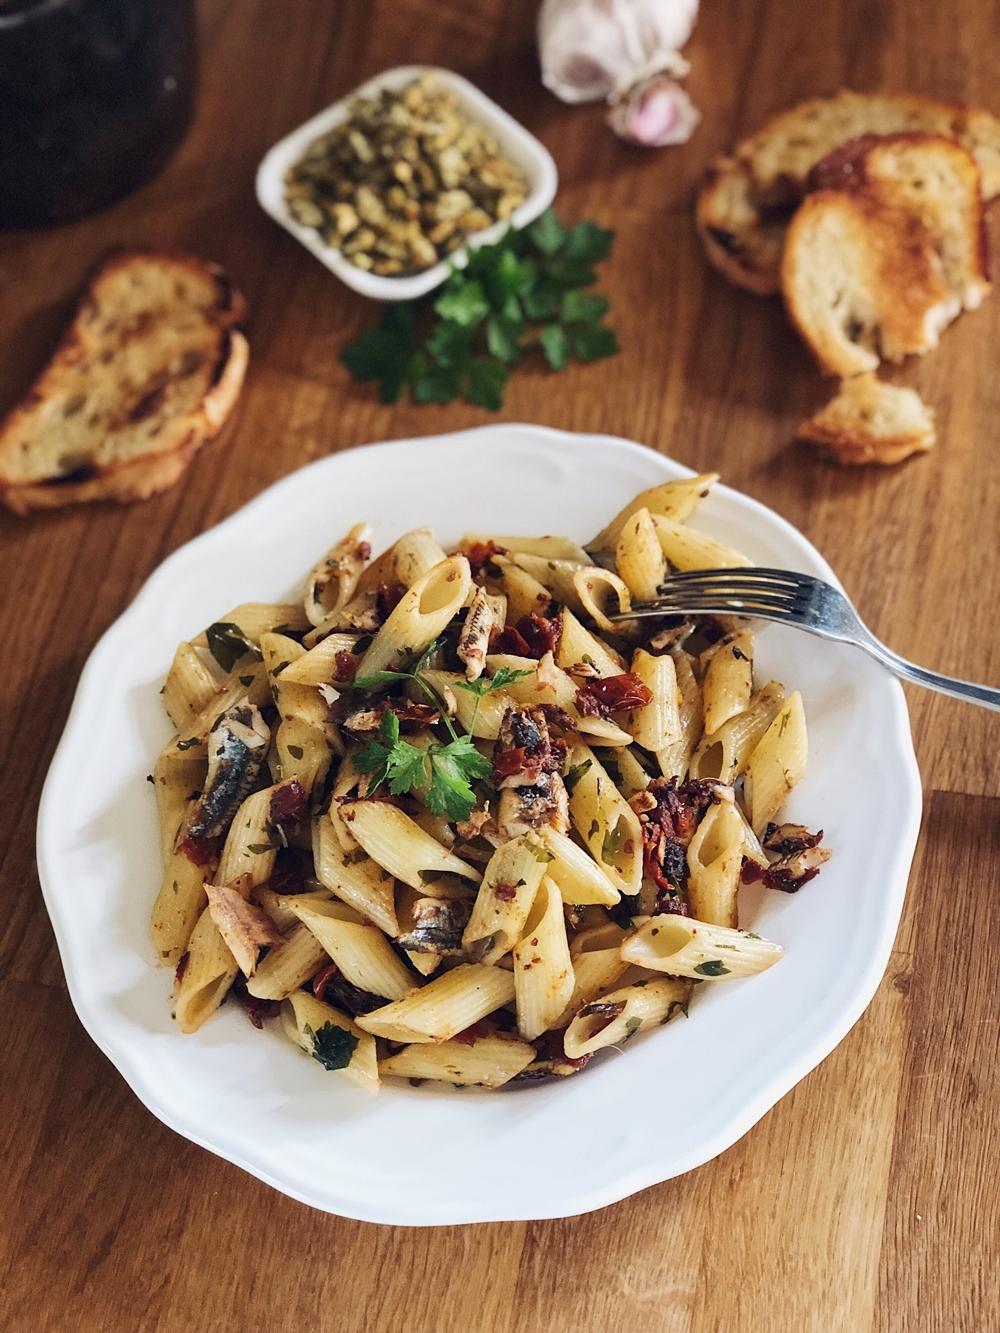 Penne mit Sardinen, getrockneten Tomaten & Oliven Crunch